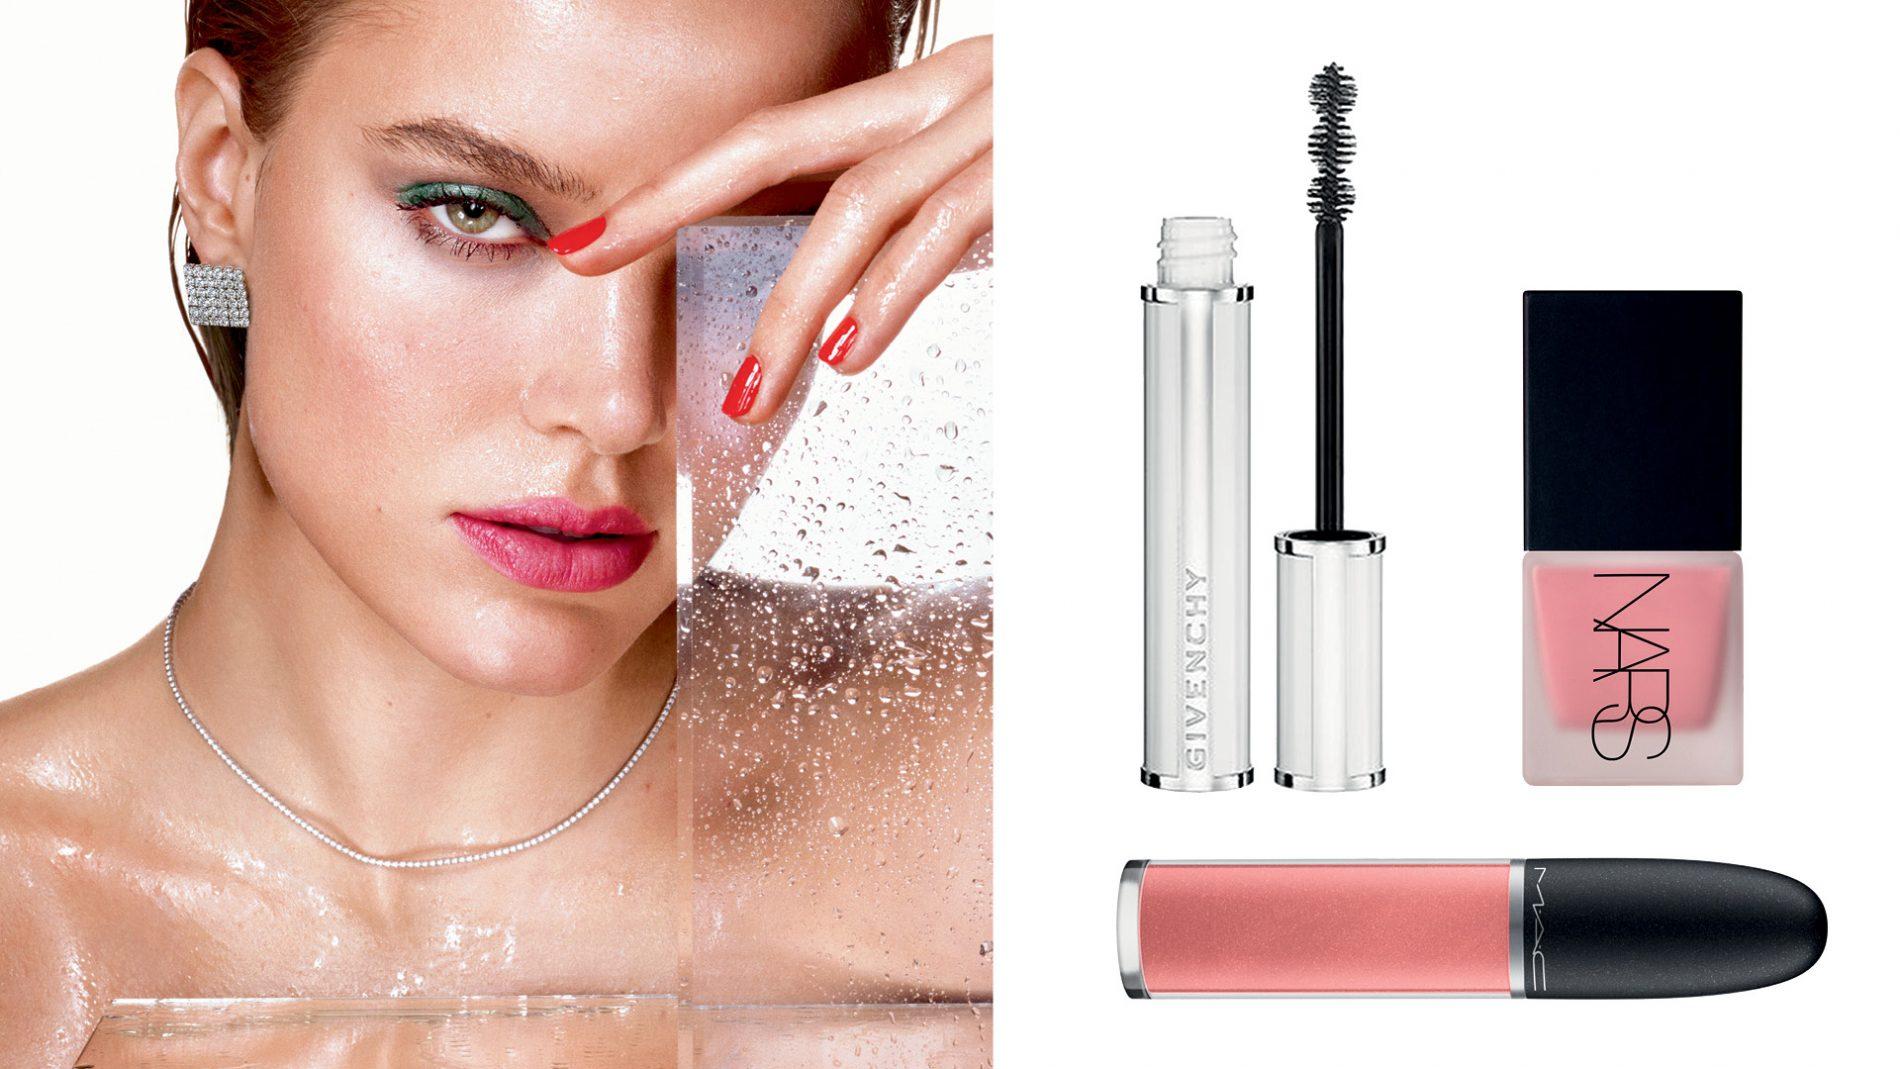 El Corte Inglés Diseñador Belleza Maquillaje Nars Givenchy Mac